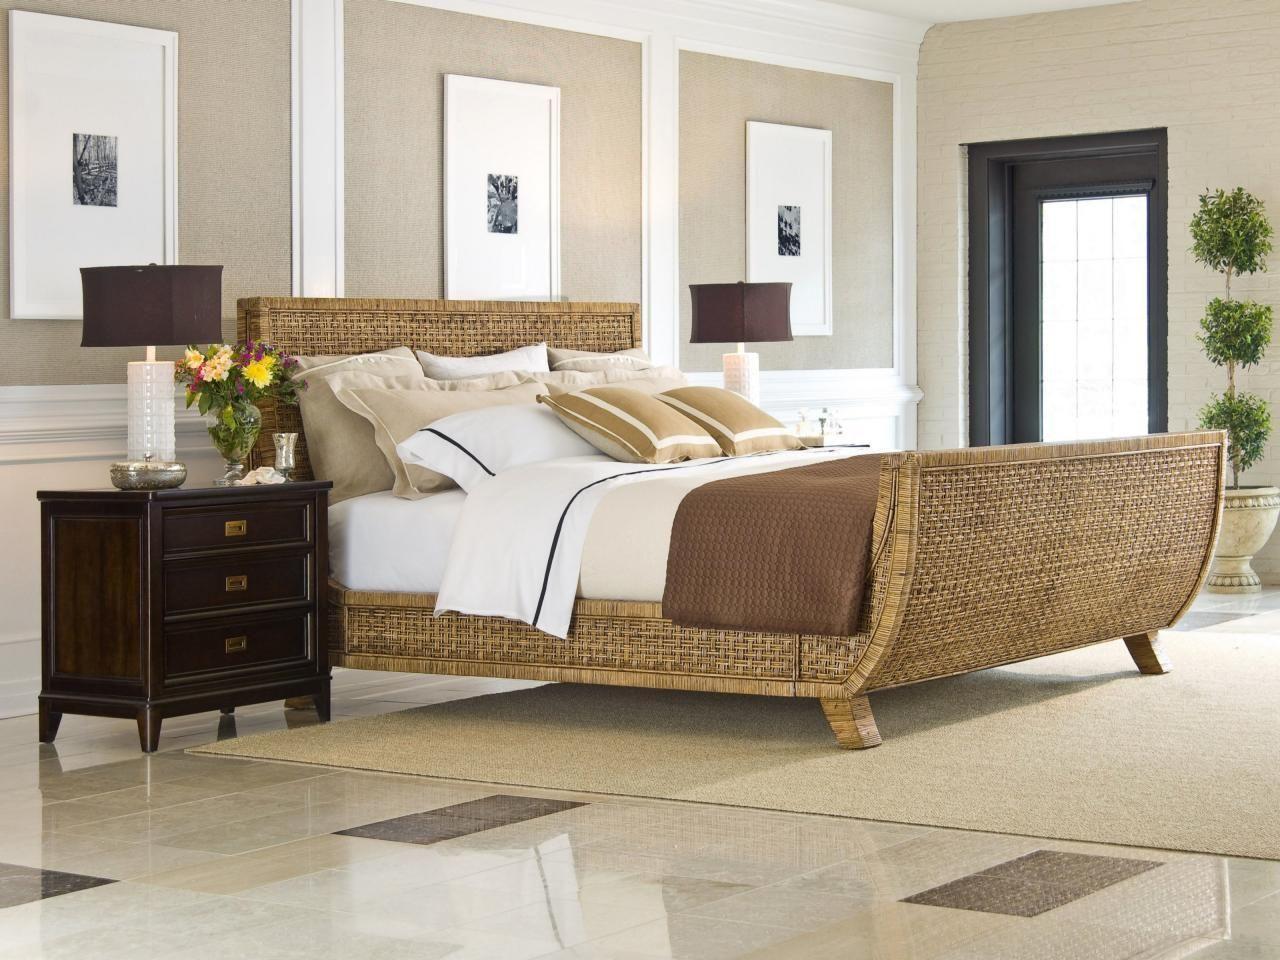 Top 10 Rattan Furniture 2017 Wicker bedroom furniture